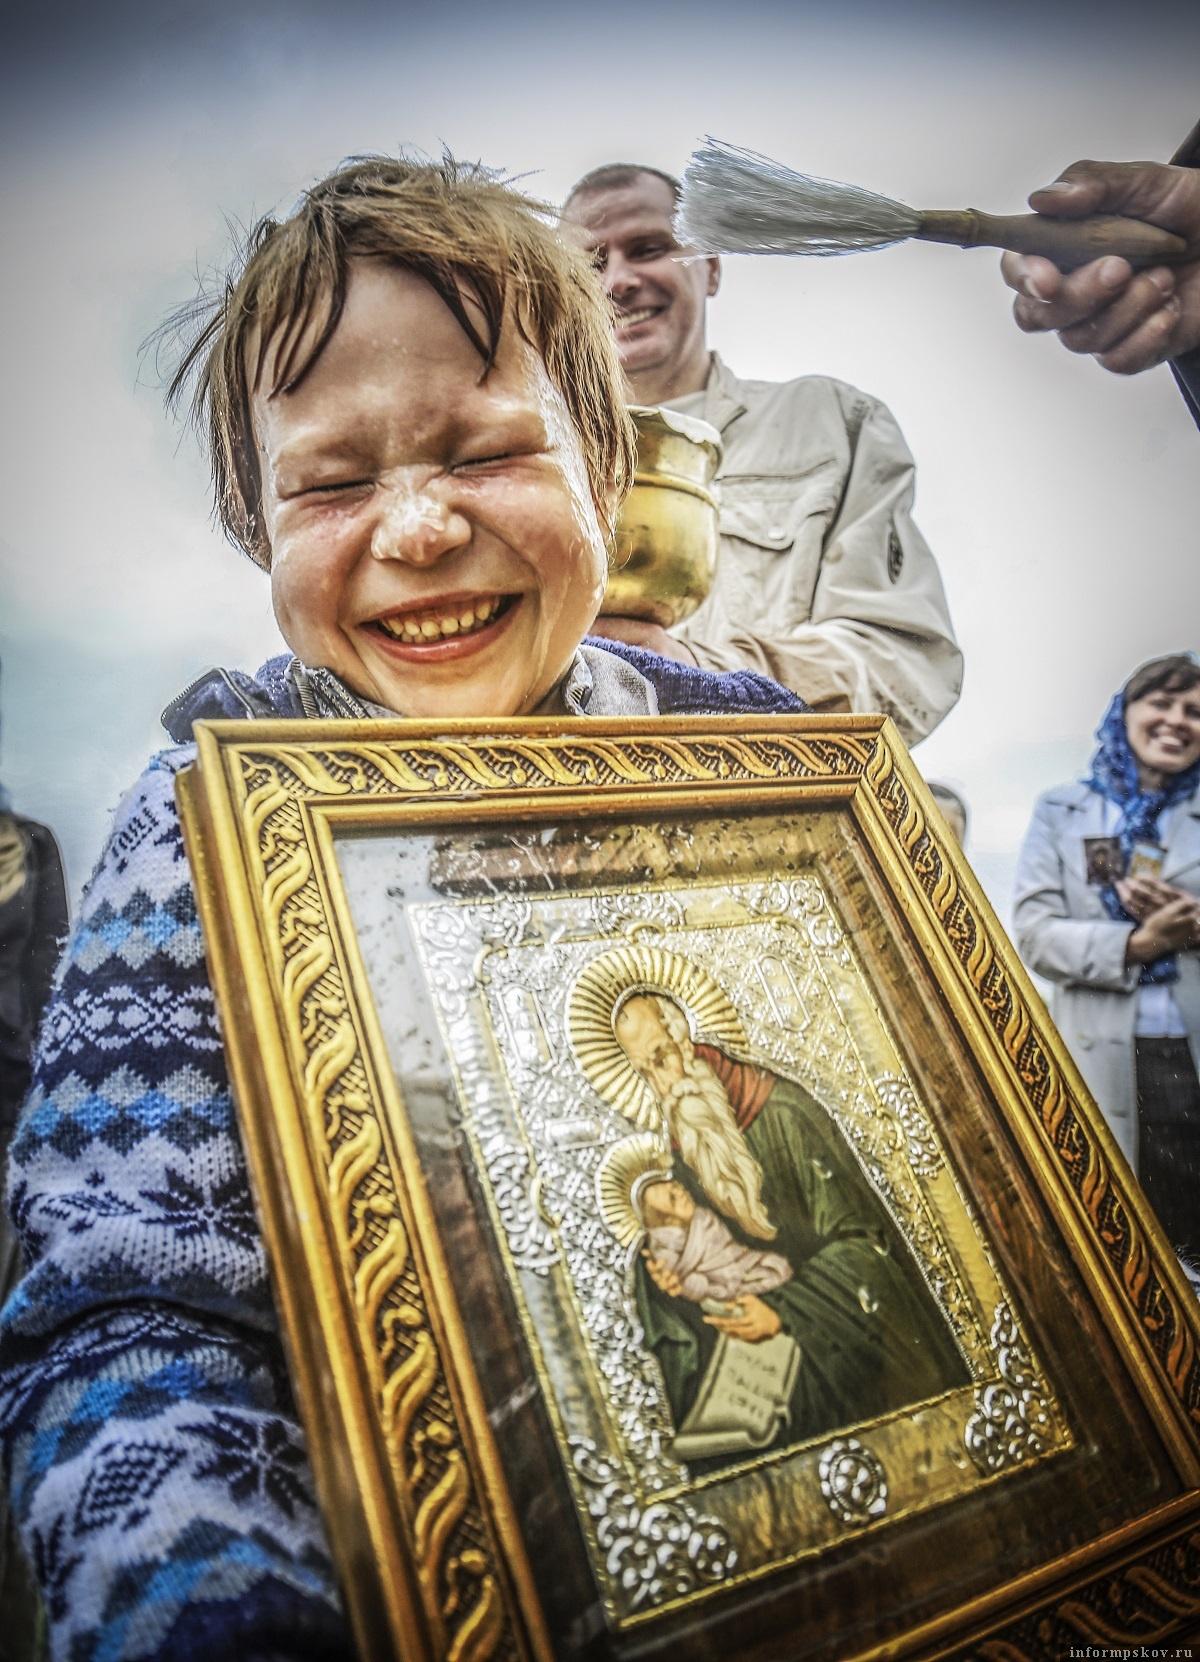 Работы так понравились организаторам, что они оформили отдельную экспозицию из работ Андрея Кокшарова и немецкого фотграфа Ральфа Биттнера из Герворда. Фото: Андрея Кокшарова.